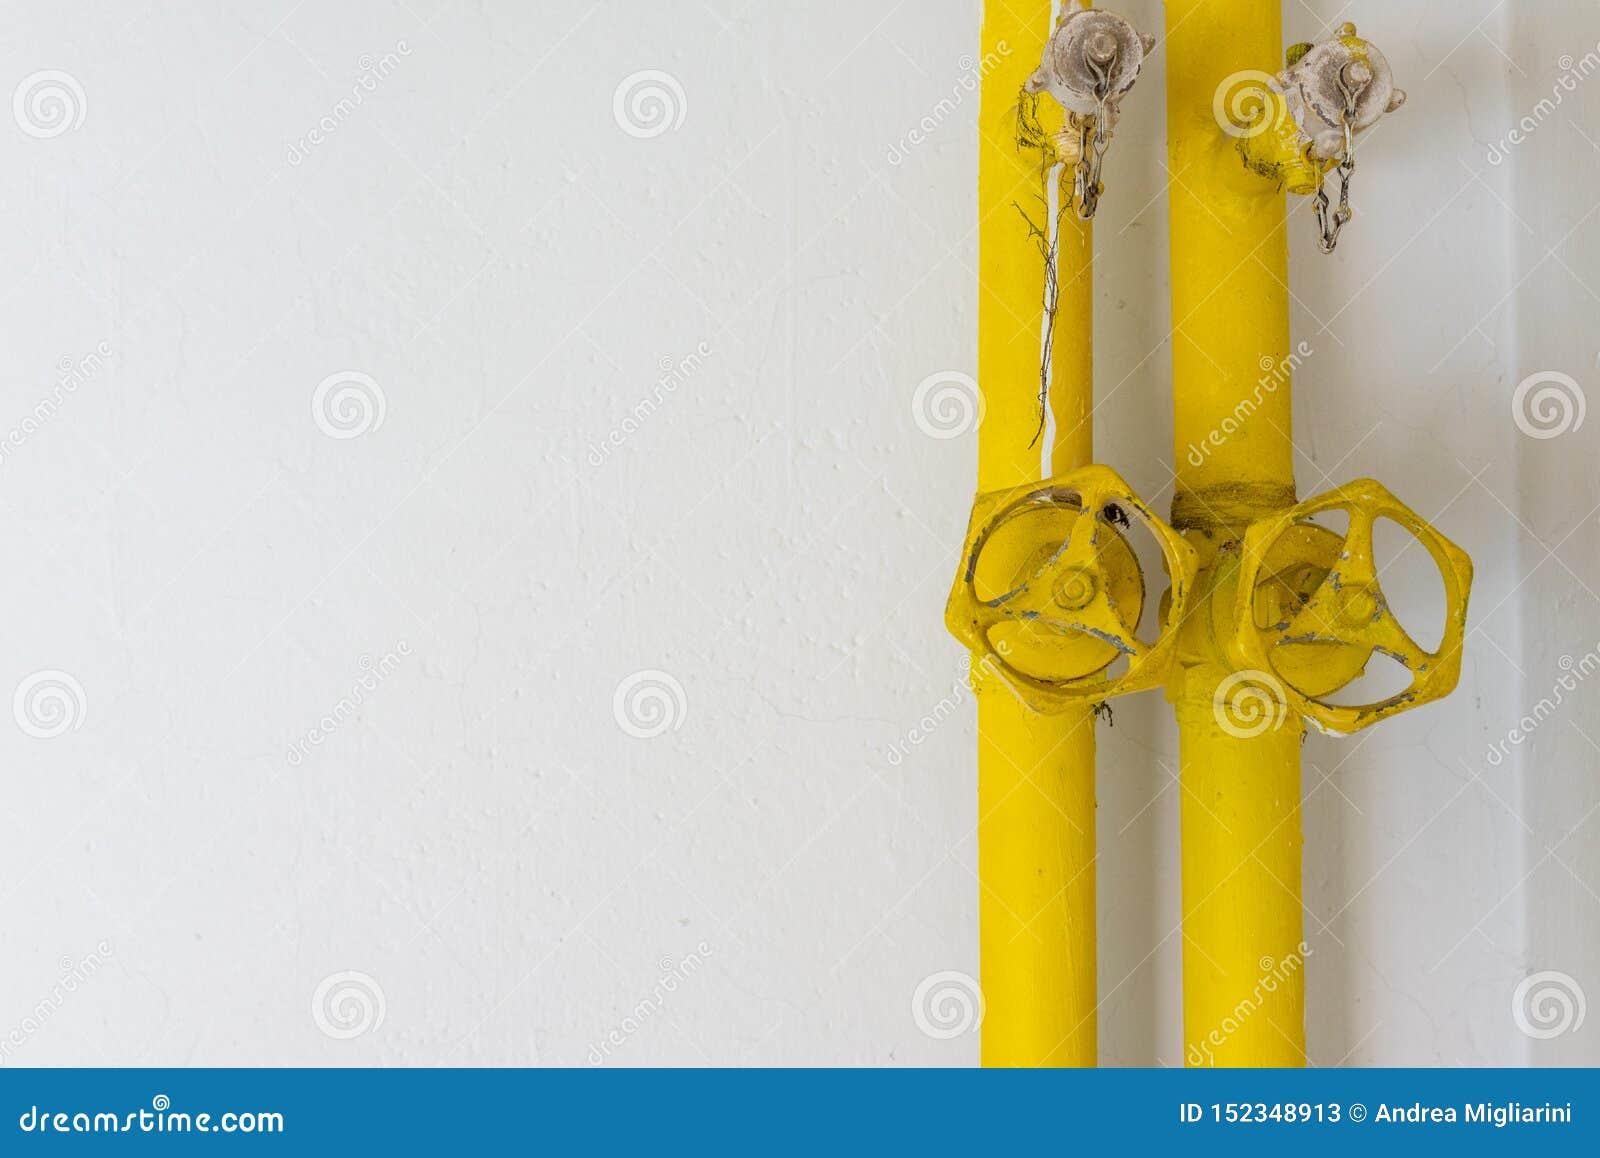 Tubi gialli su una parete bianca